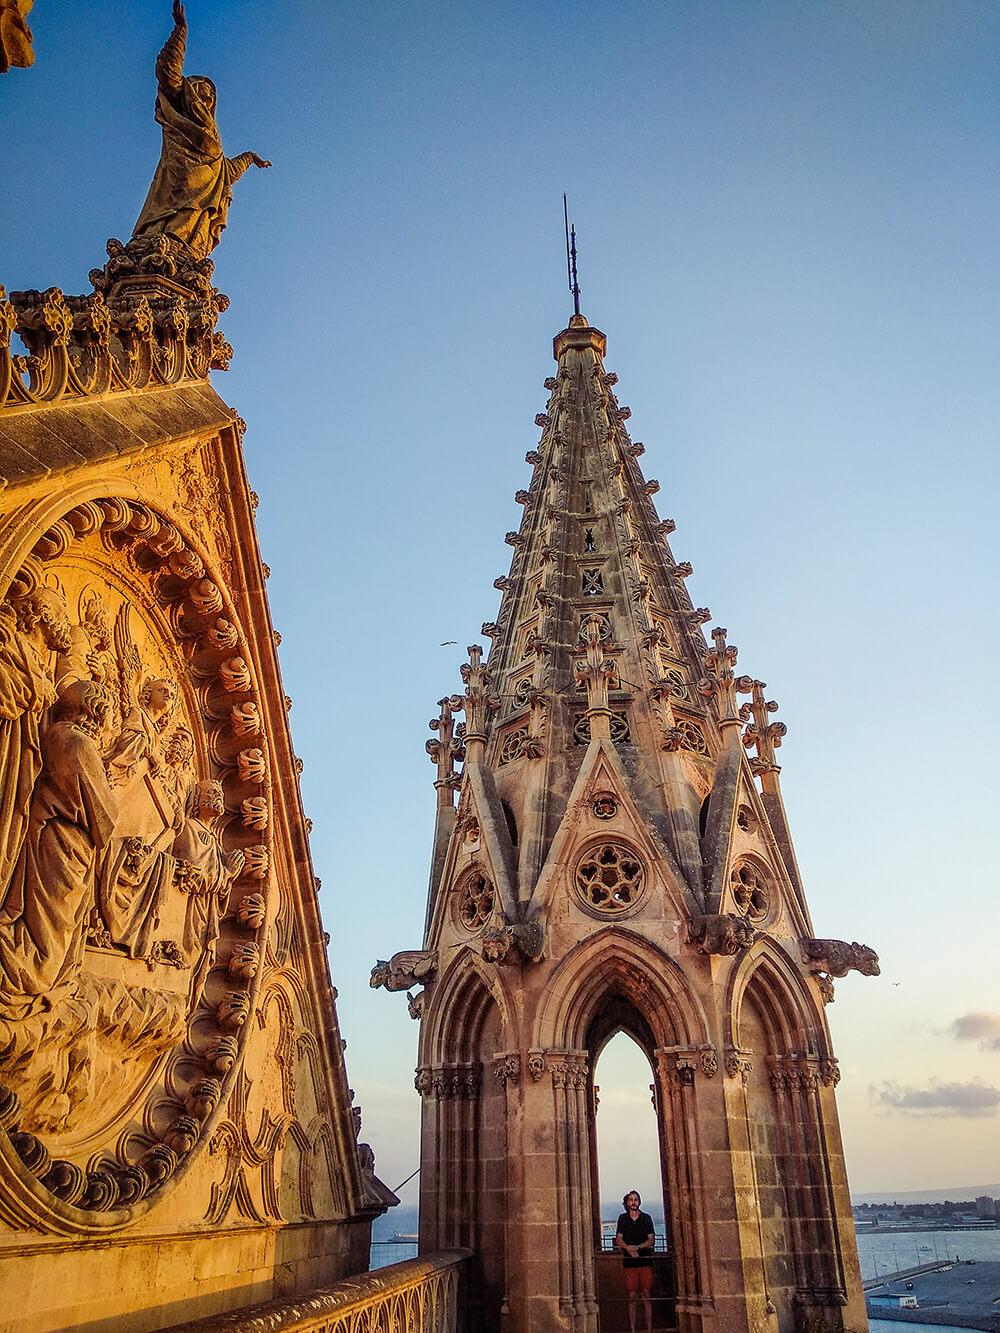 Palma-de-Mallorca-Kathedrale-La-Seu-Dach-29